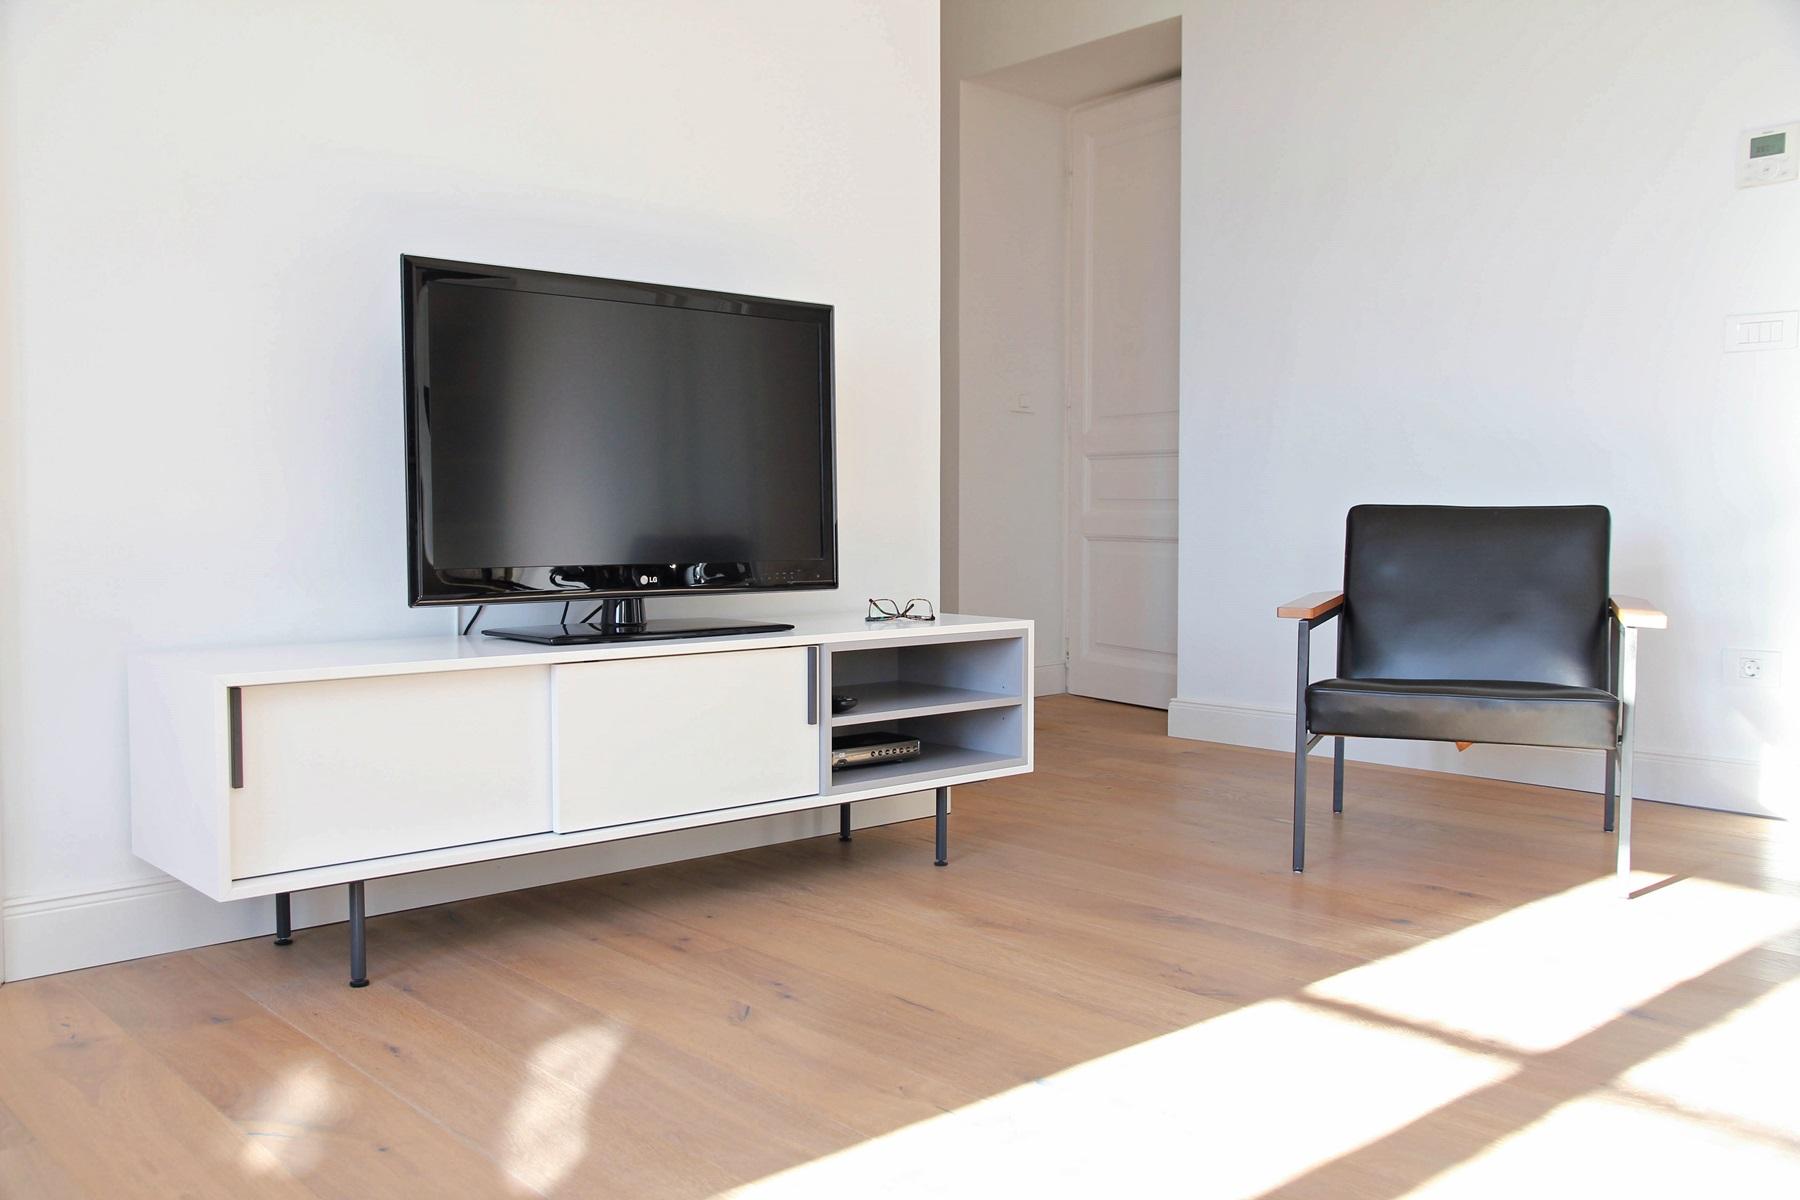 Tv Mobel Regal Mit Schiebeture Mobel Ambius Tischlerei Aus Slowenien